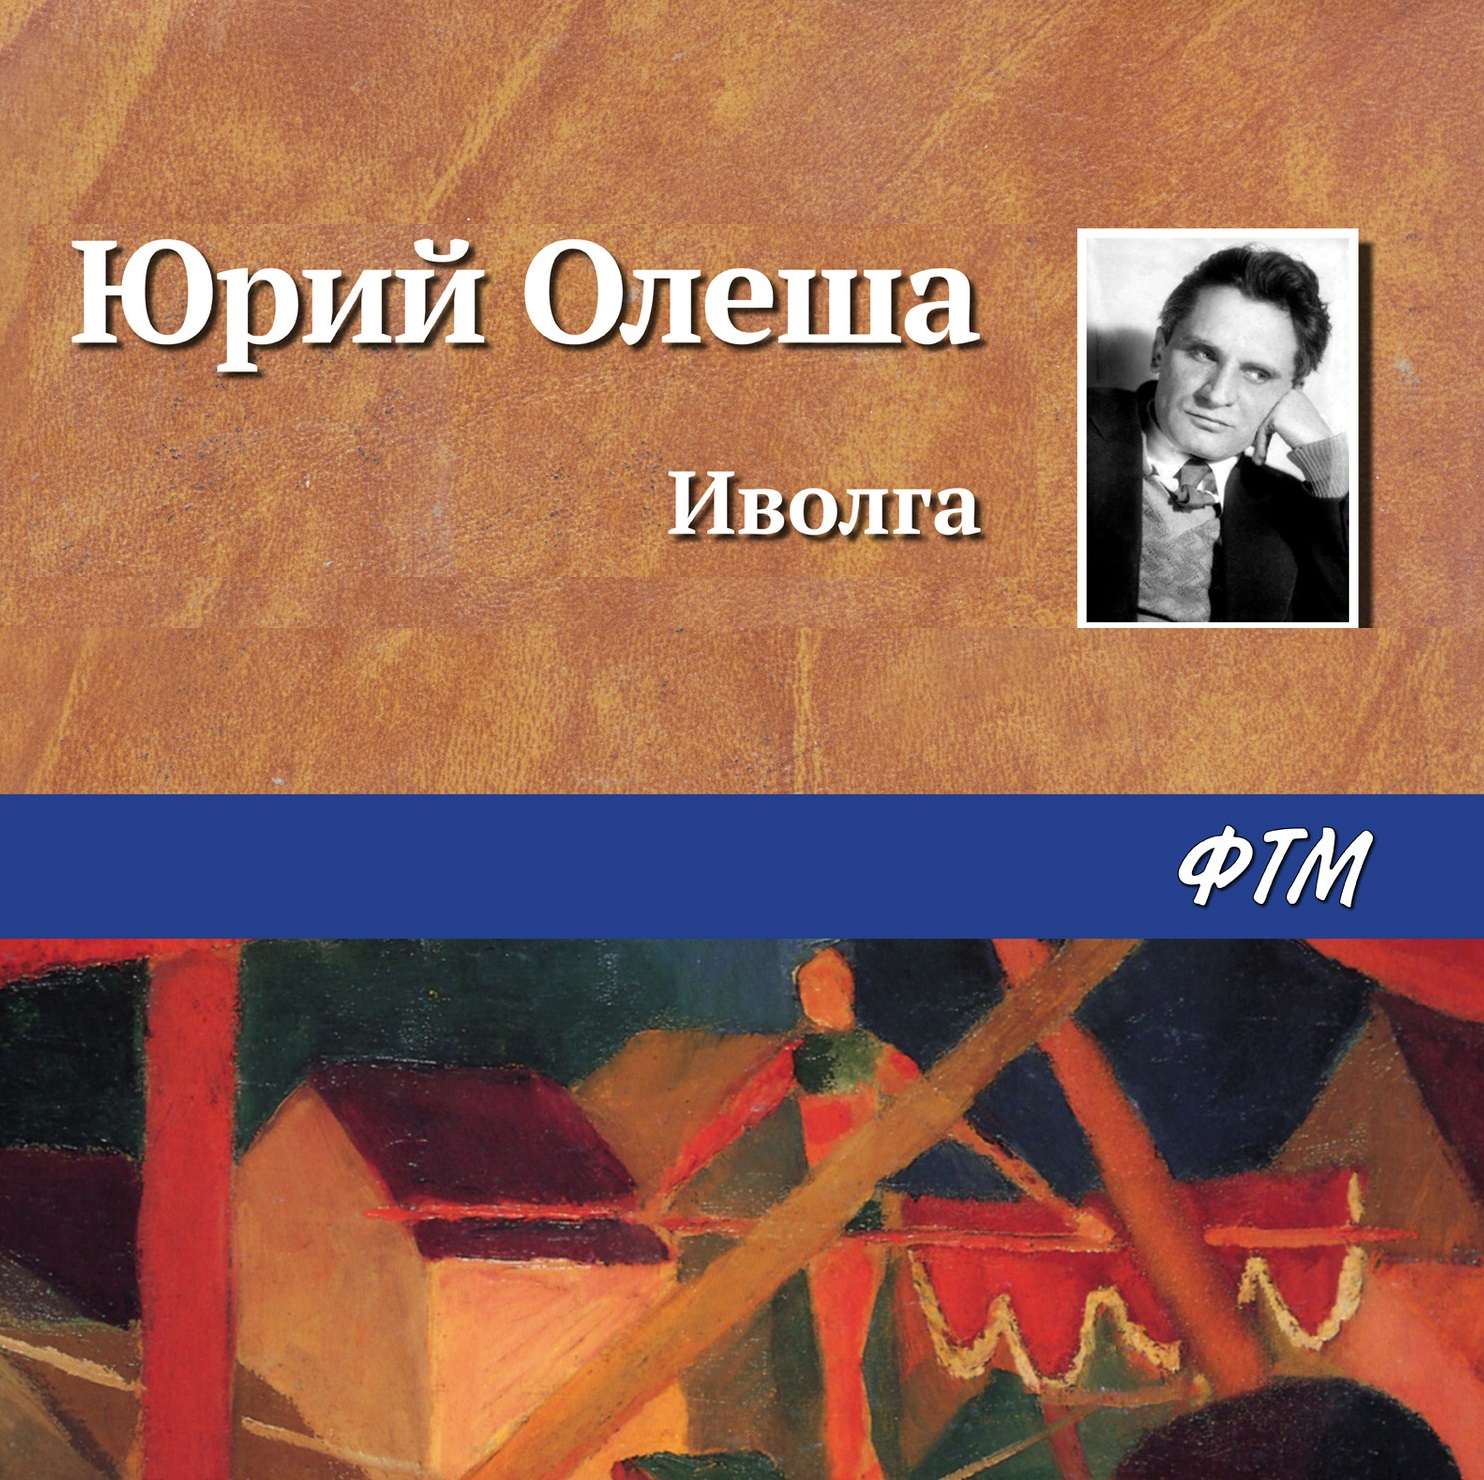 Купить книгу Иволга, автора Юрия Олеши